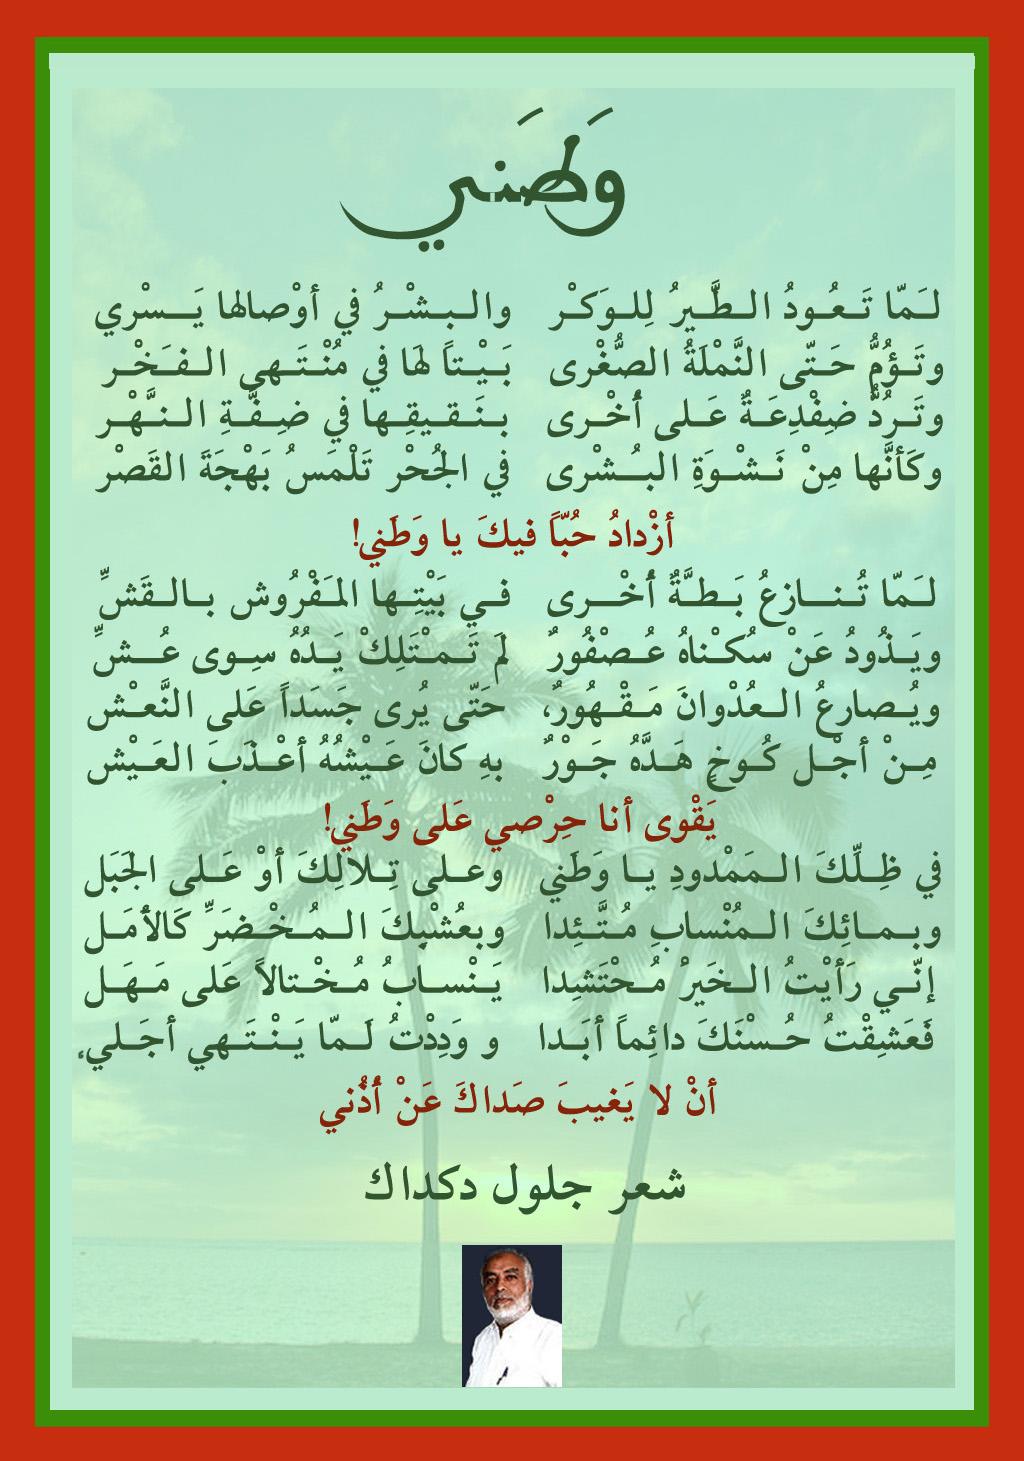 شعر عن الوطن العربي المرأة العصرية